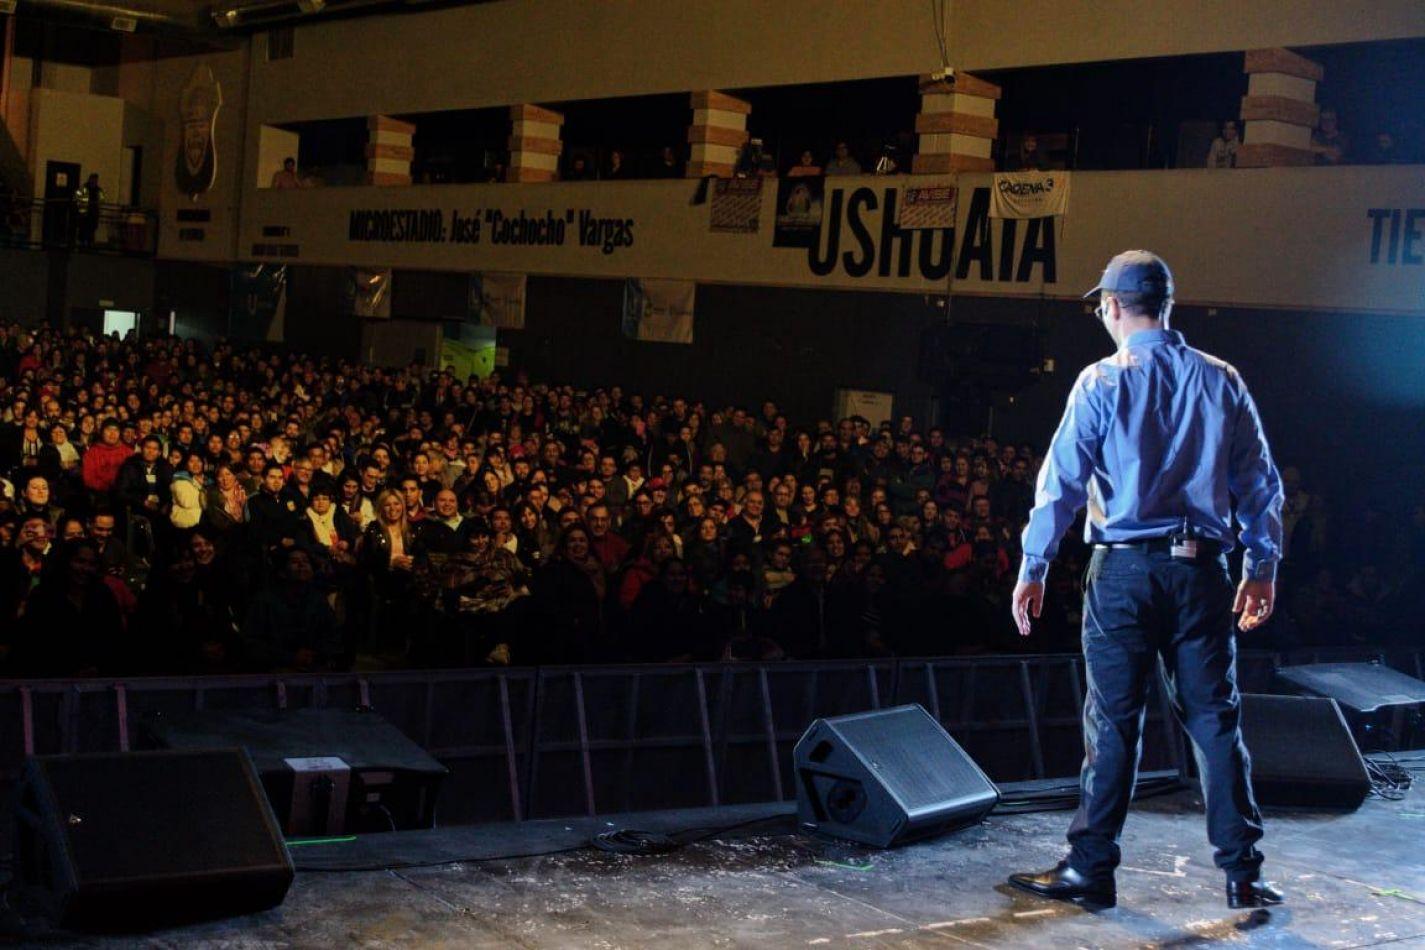 El Capitán Gordillo, hizo su presentación en el mayor estadio con que cuenta la ciudad de Ushuaia